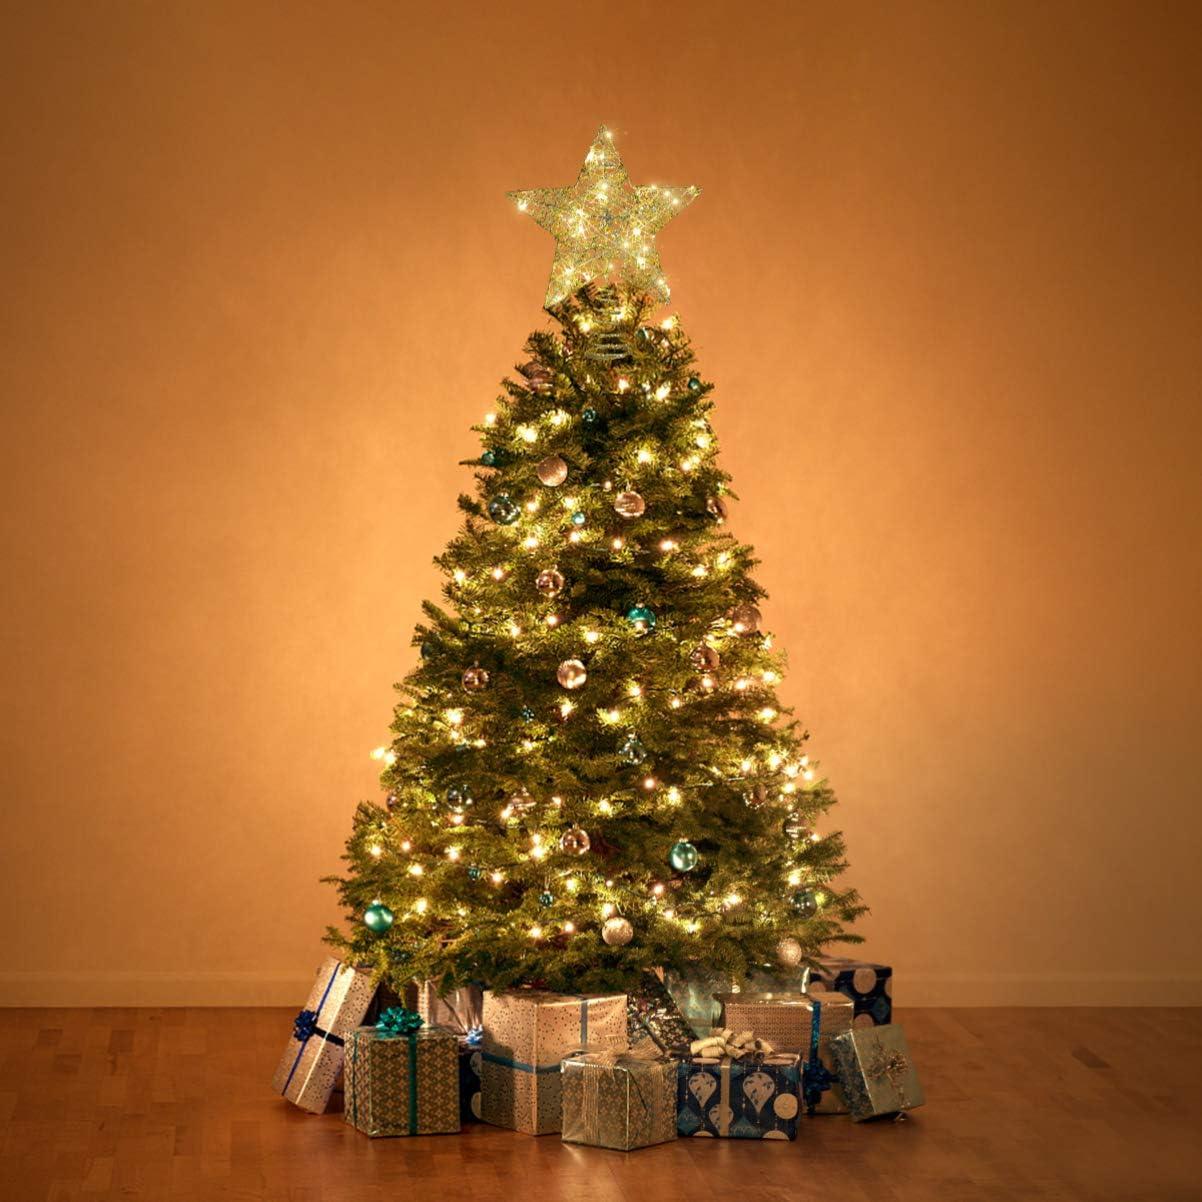 YARNOW Weihnachtsstern Baumkrone Beleuchtet Glitzer Weihnachtsstern Baumkrone F/ührte Goldstern Baumkrone f/ür Weihnachtsfeiertag Party Baumschmuck 1St